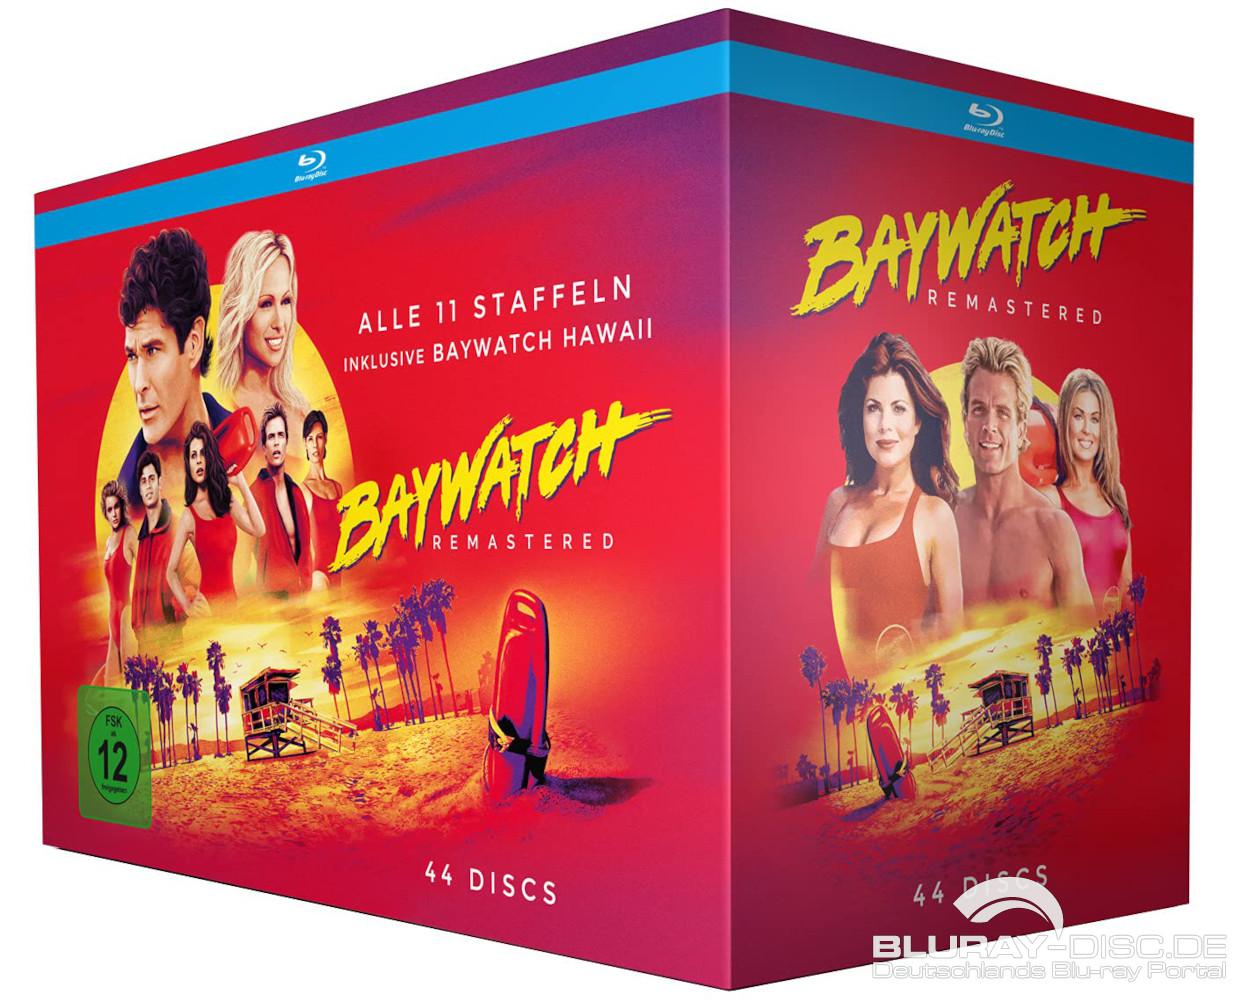 Baywatch-Komplettbox-Galerie-01.jpg